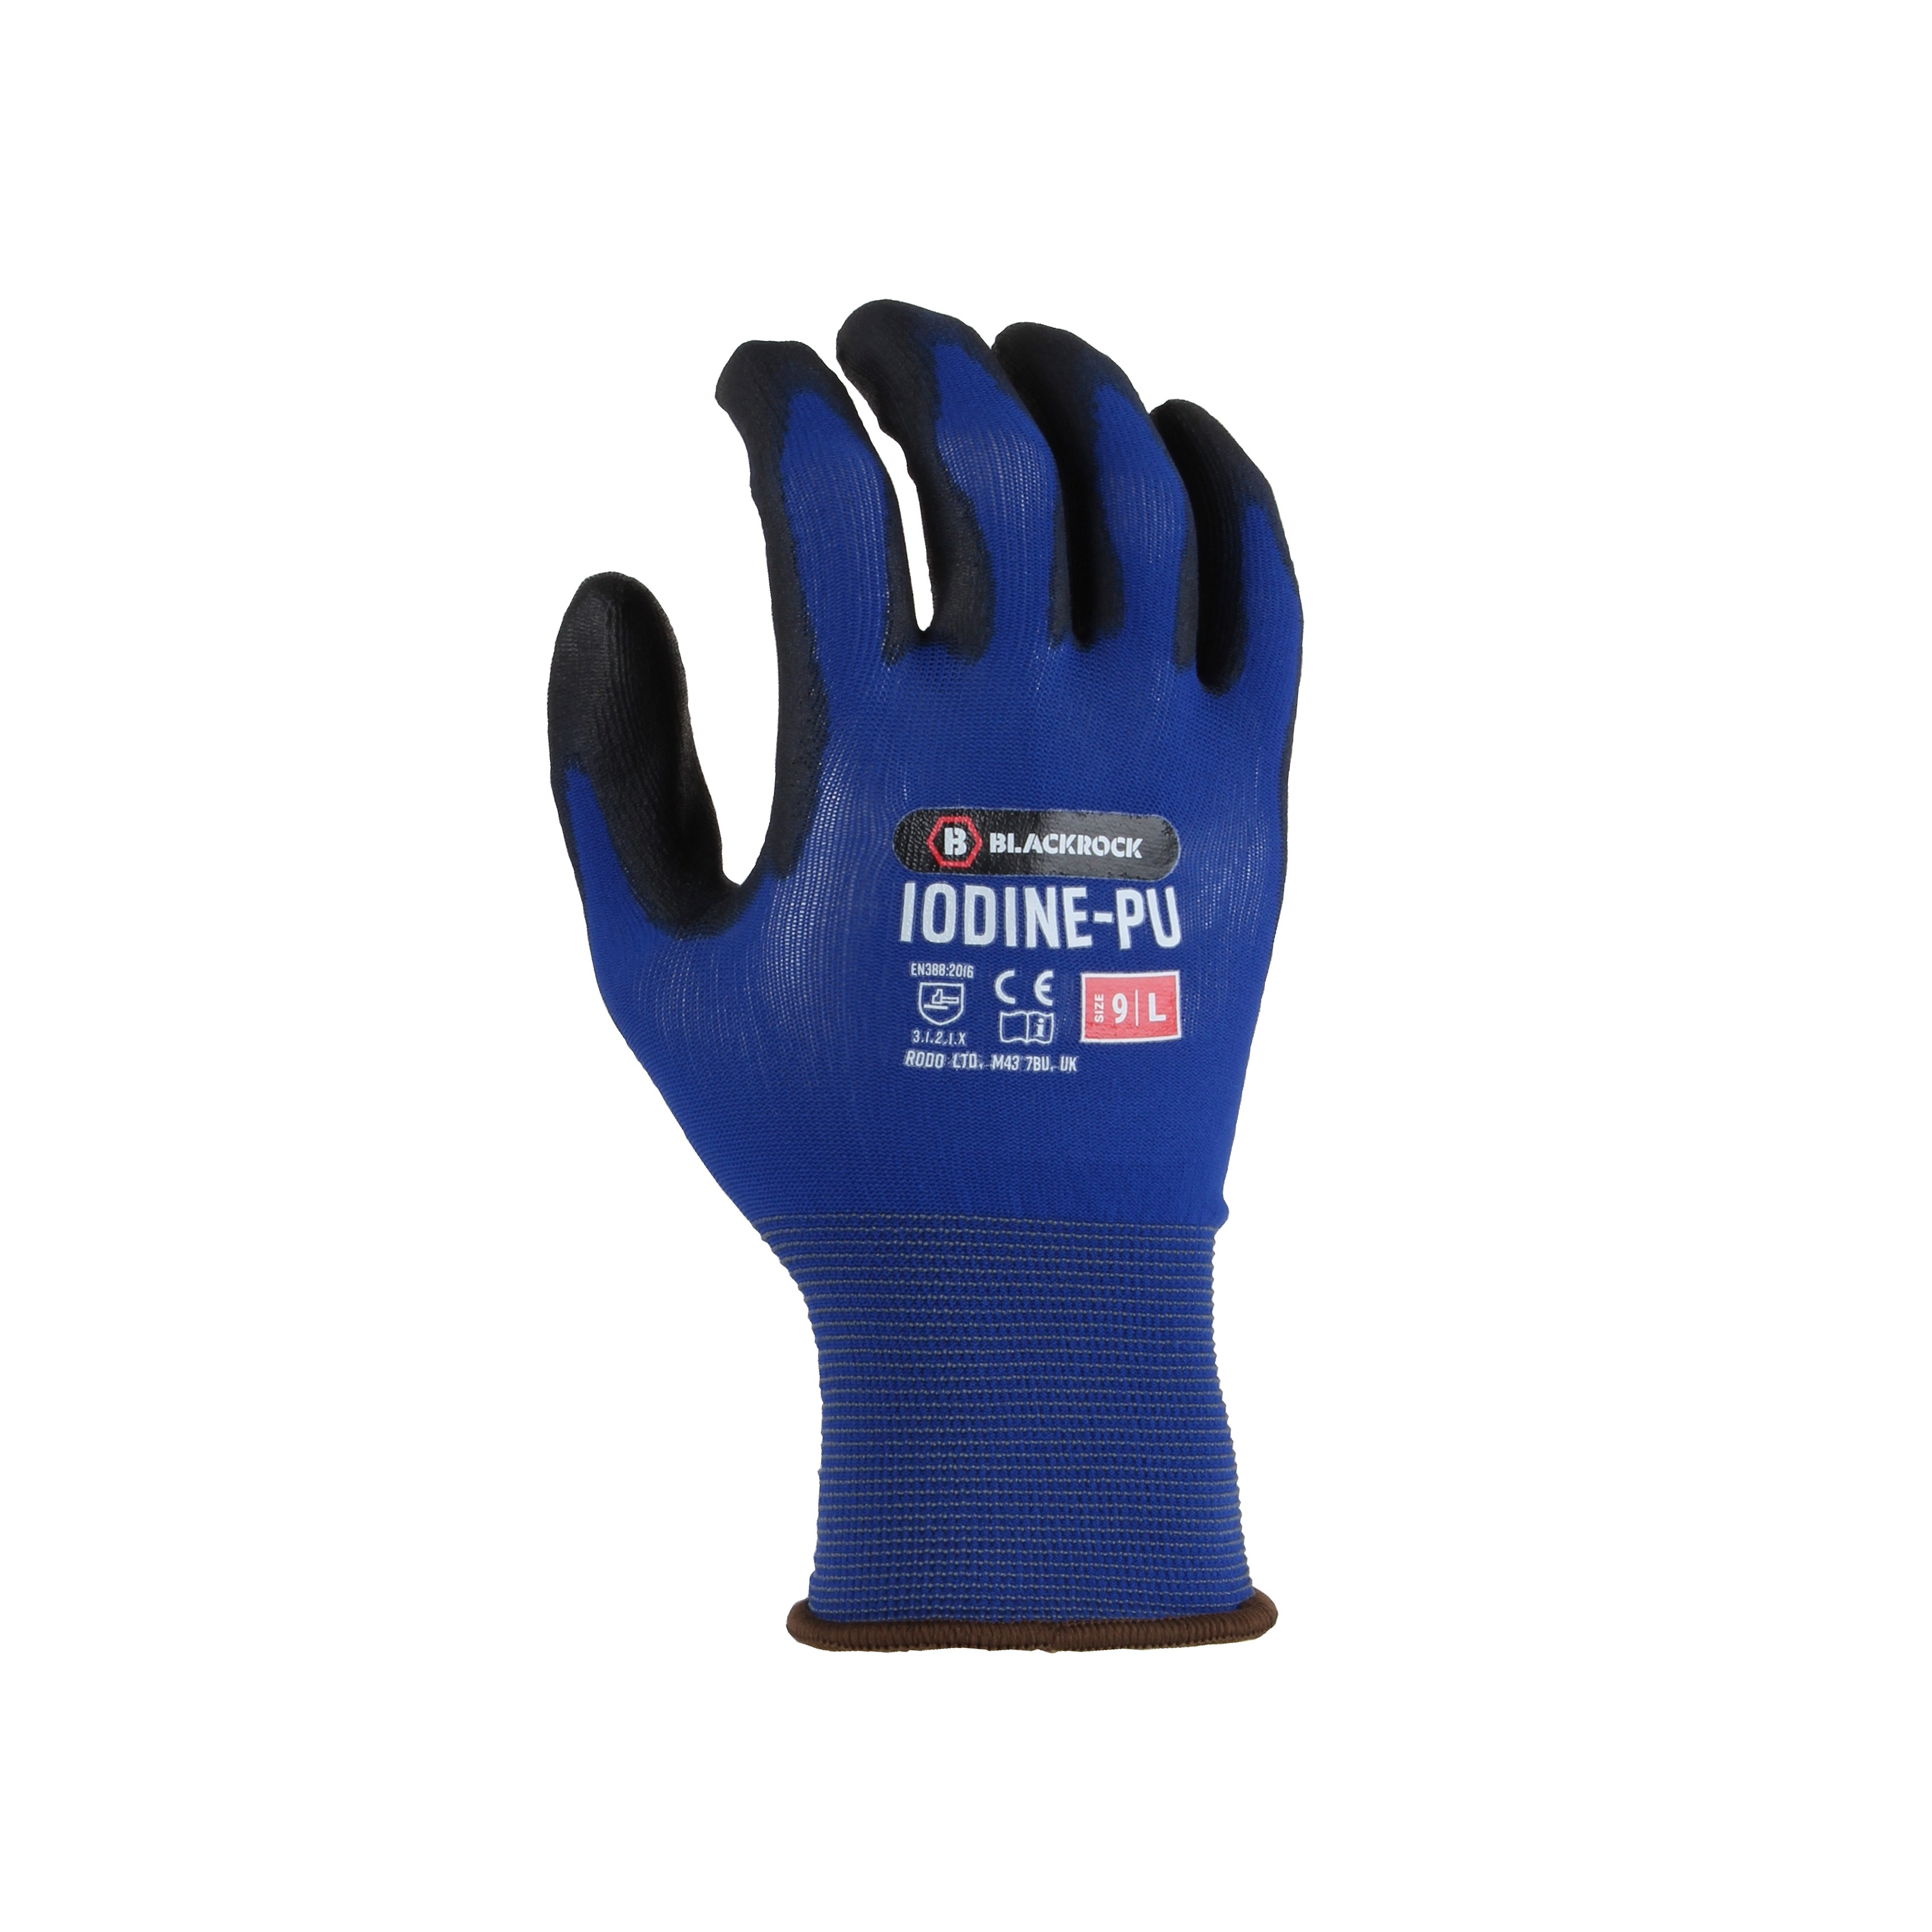 Iodine-PU Work Glove